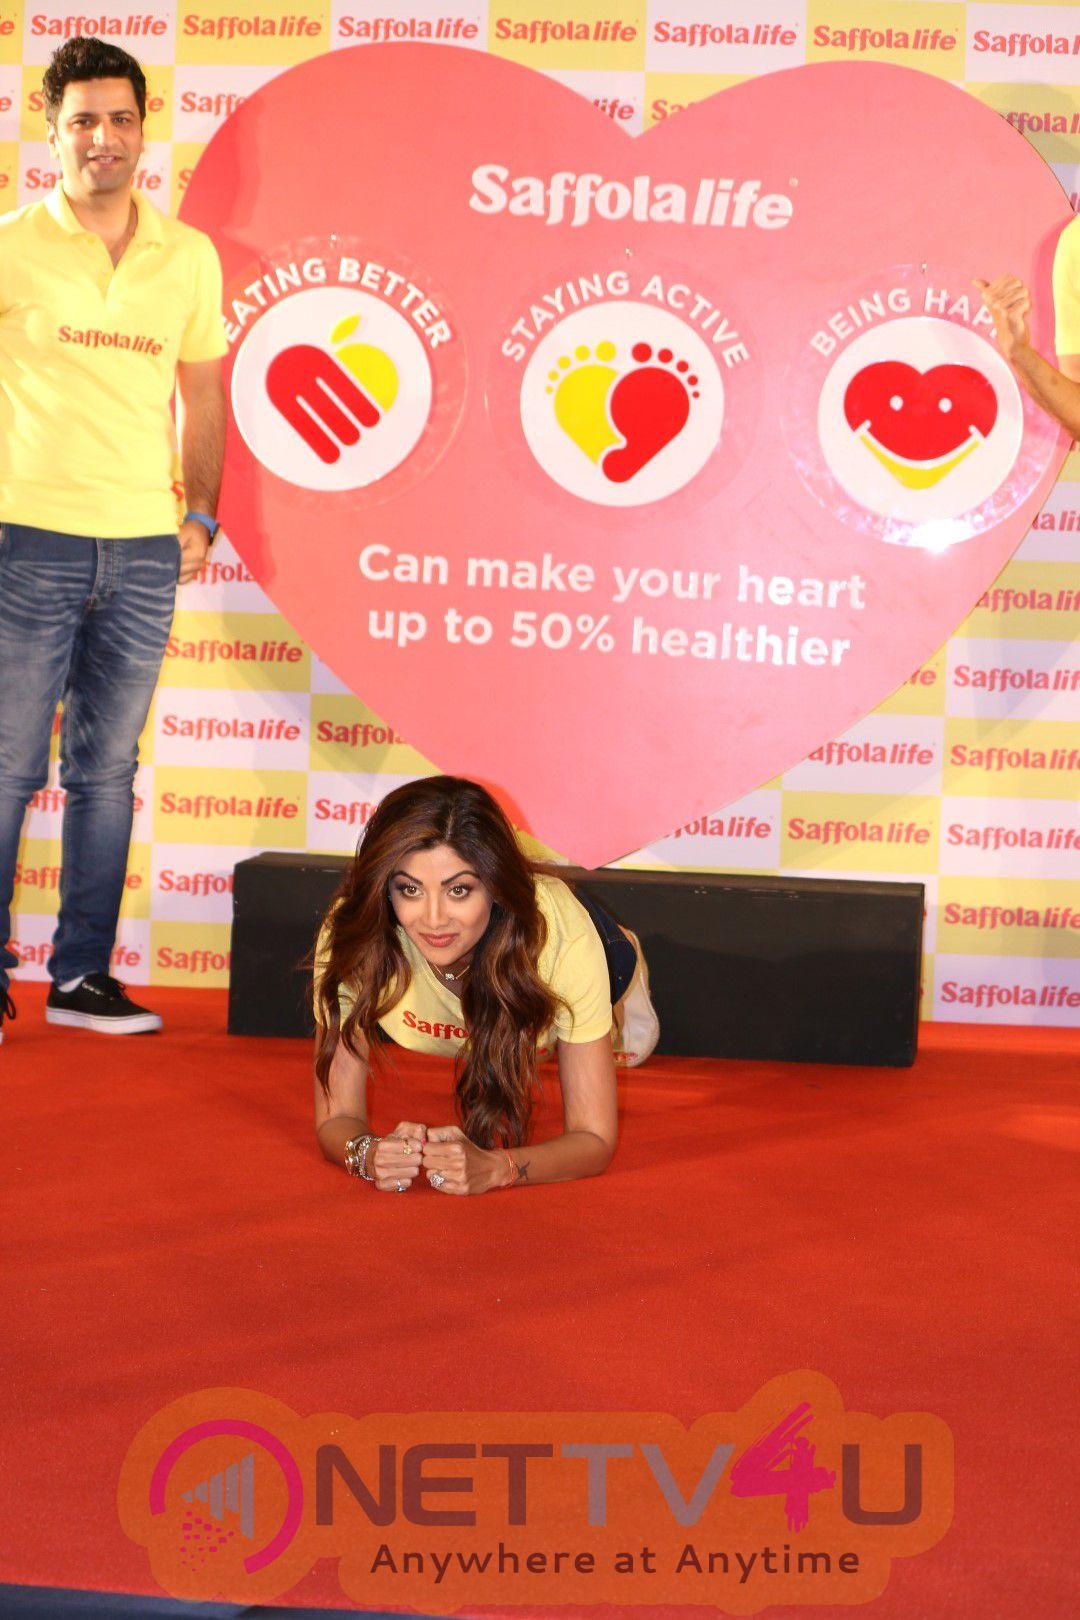 Shilpa Shetty, Kunal Kapur, Cyrus Sahukar Celebrate Saffola Life World Heart Day For Healthy Photos